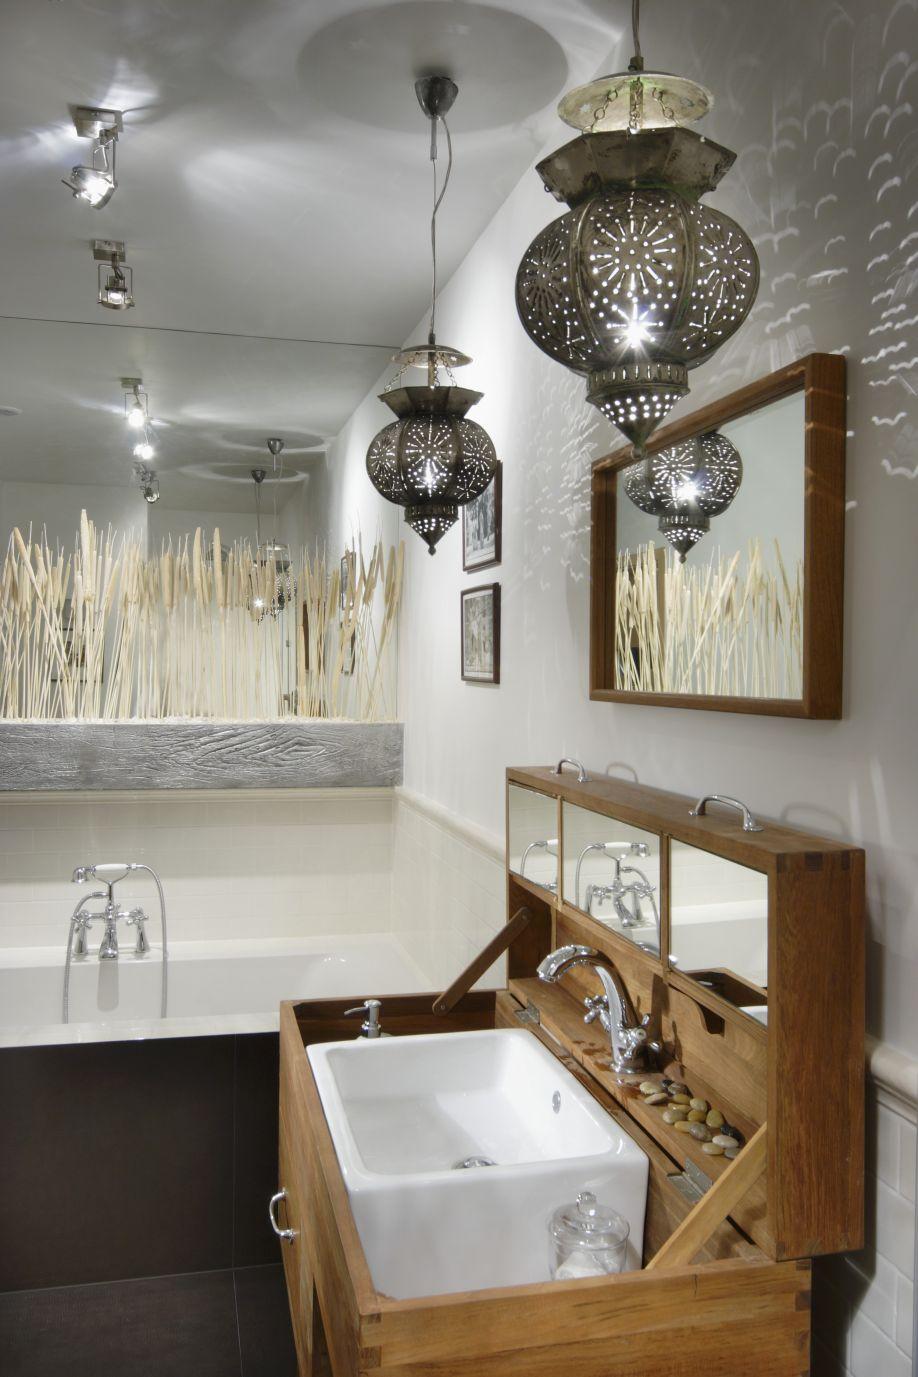 Orientalische Pendelleuchten über massgefertigter Waschtruhe mit Deckel; Spiegelfront mit Gräserverzierung über Wanne im Hinterg